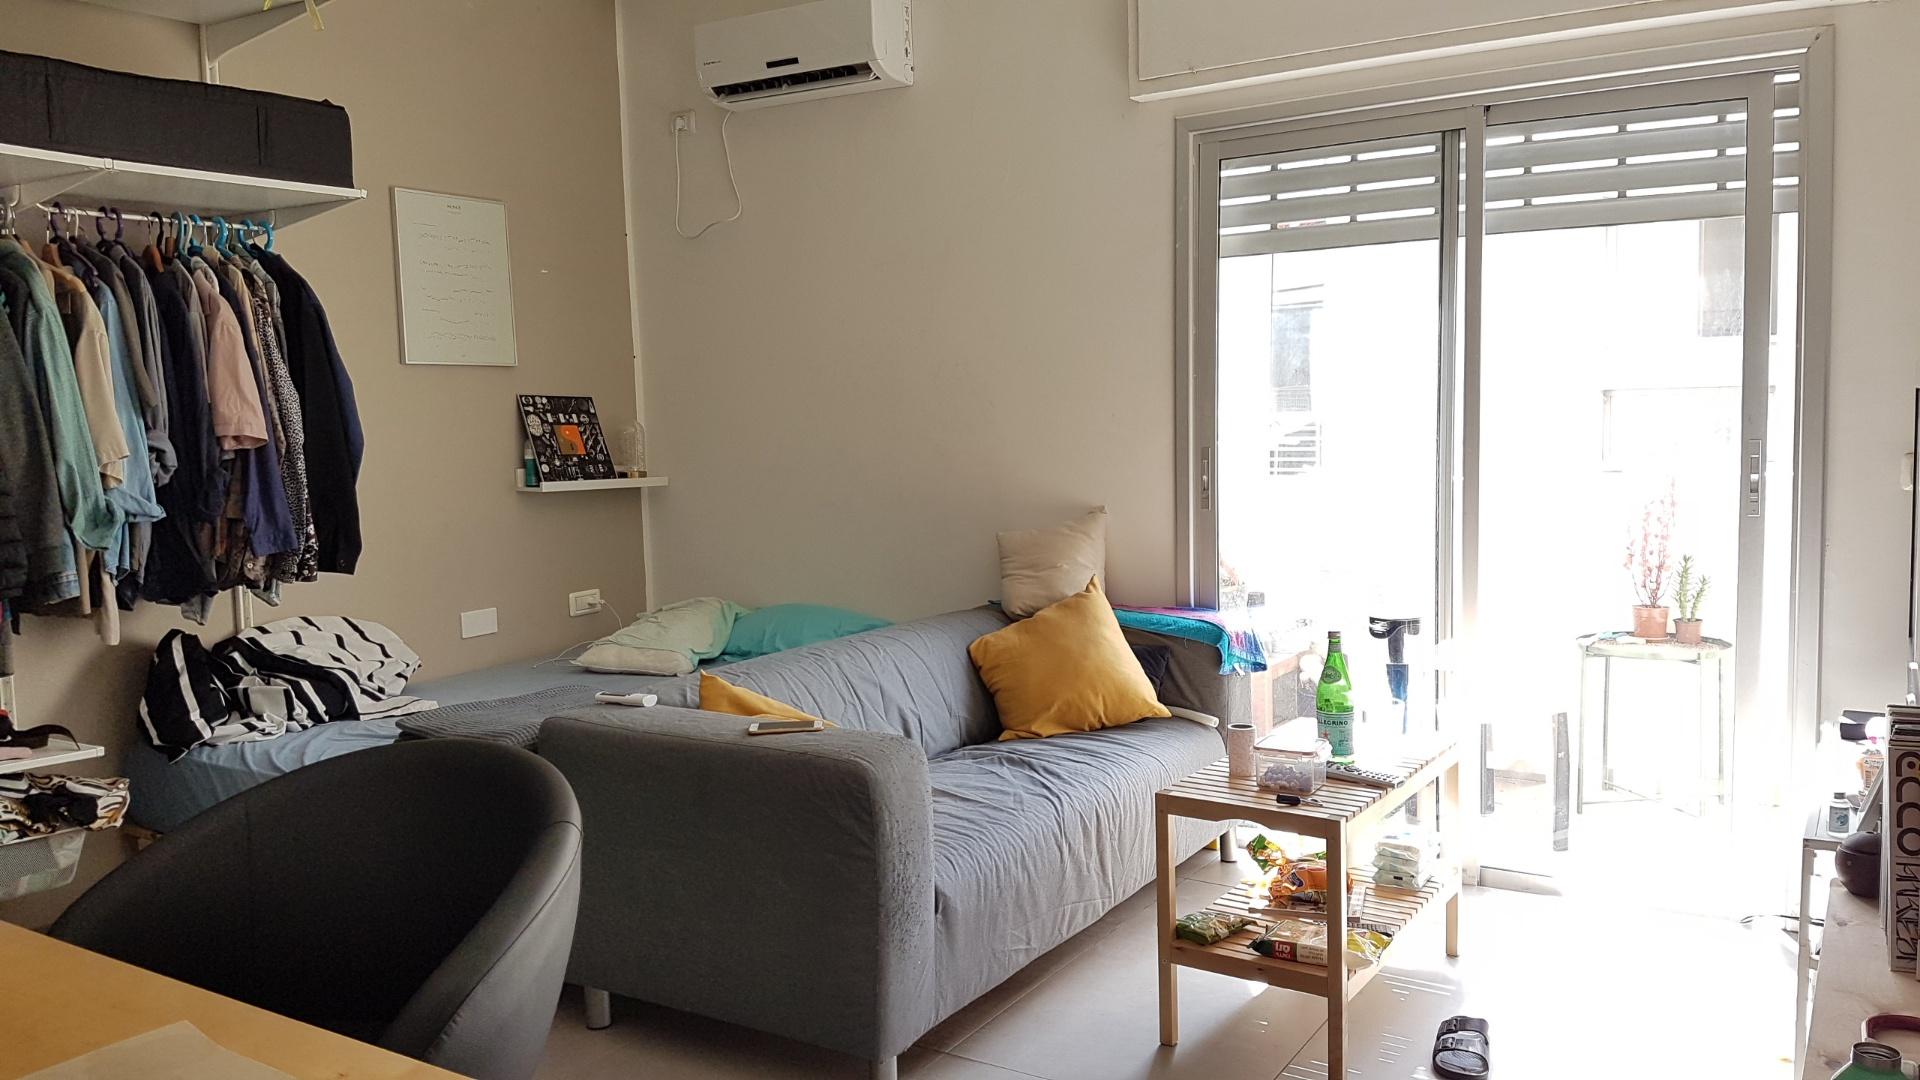 3 bedroom apartment in Florentine